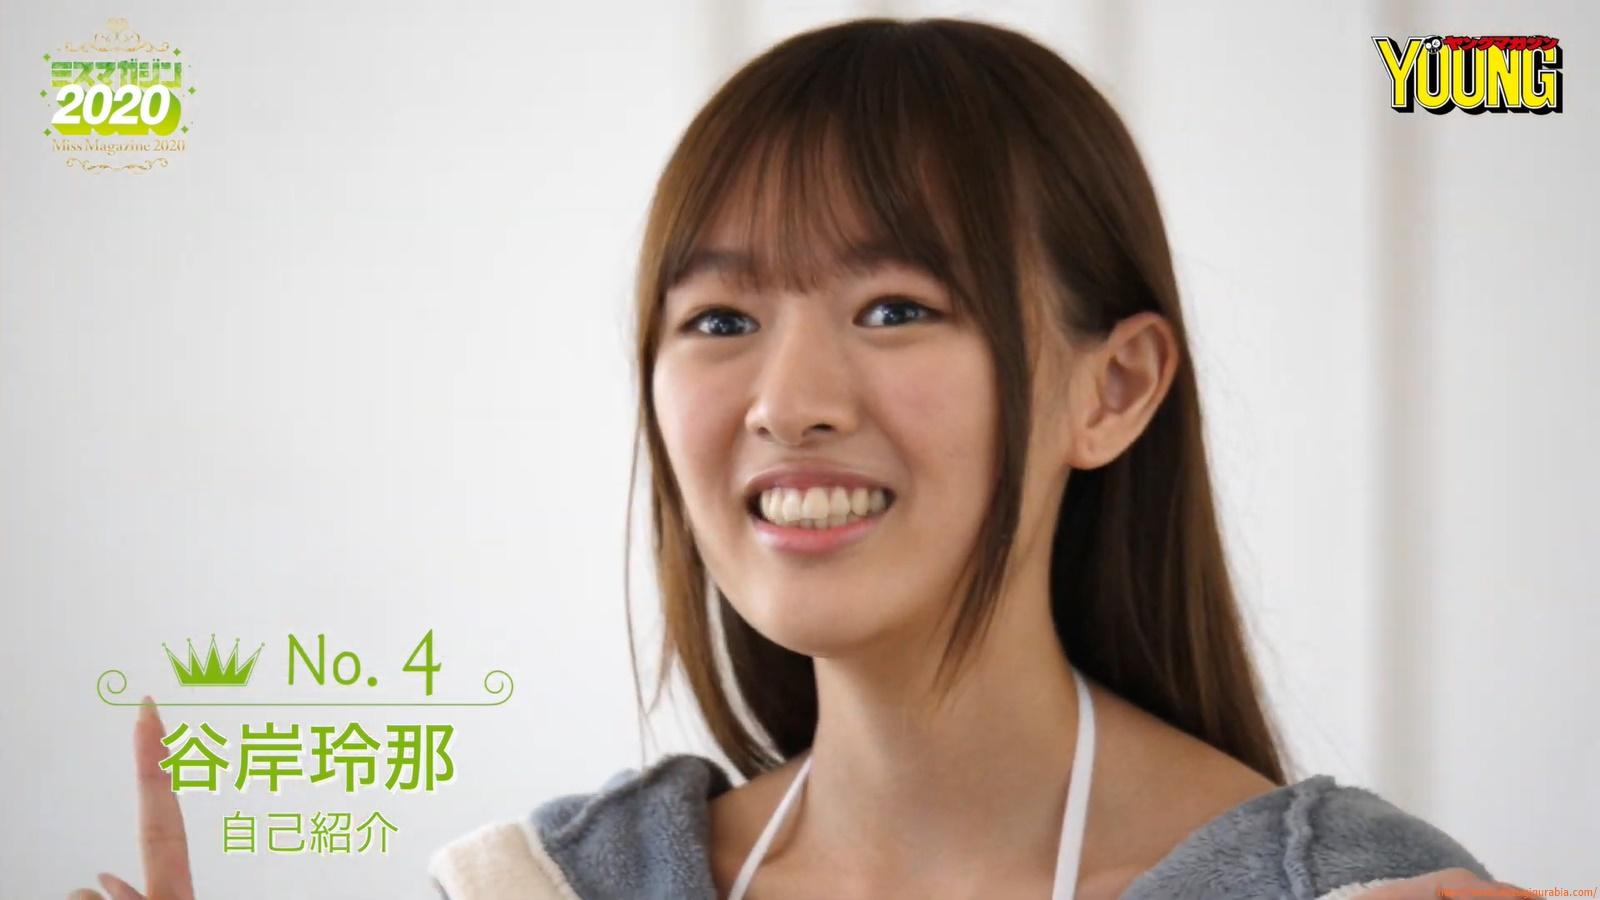 Miss Magazine 2020 Rena Tanegishi006